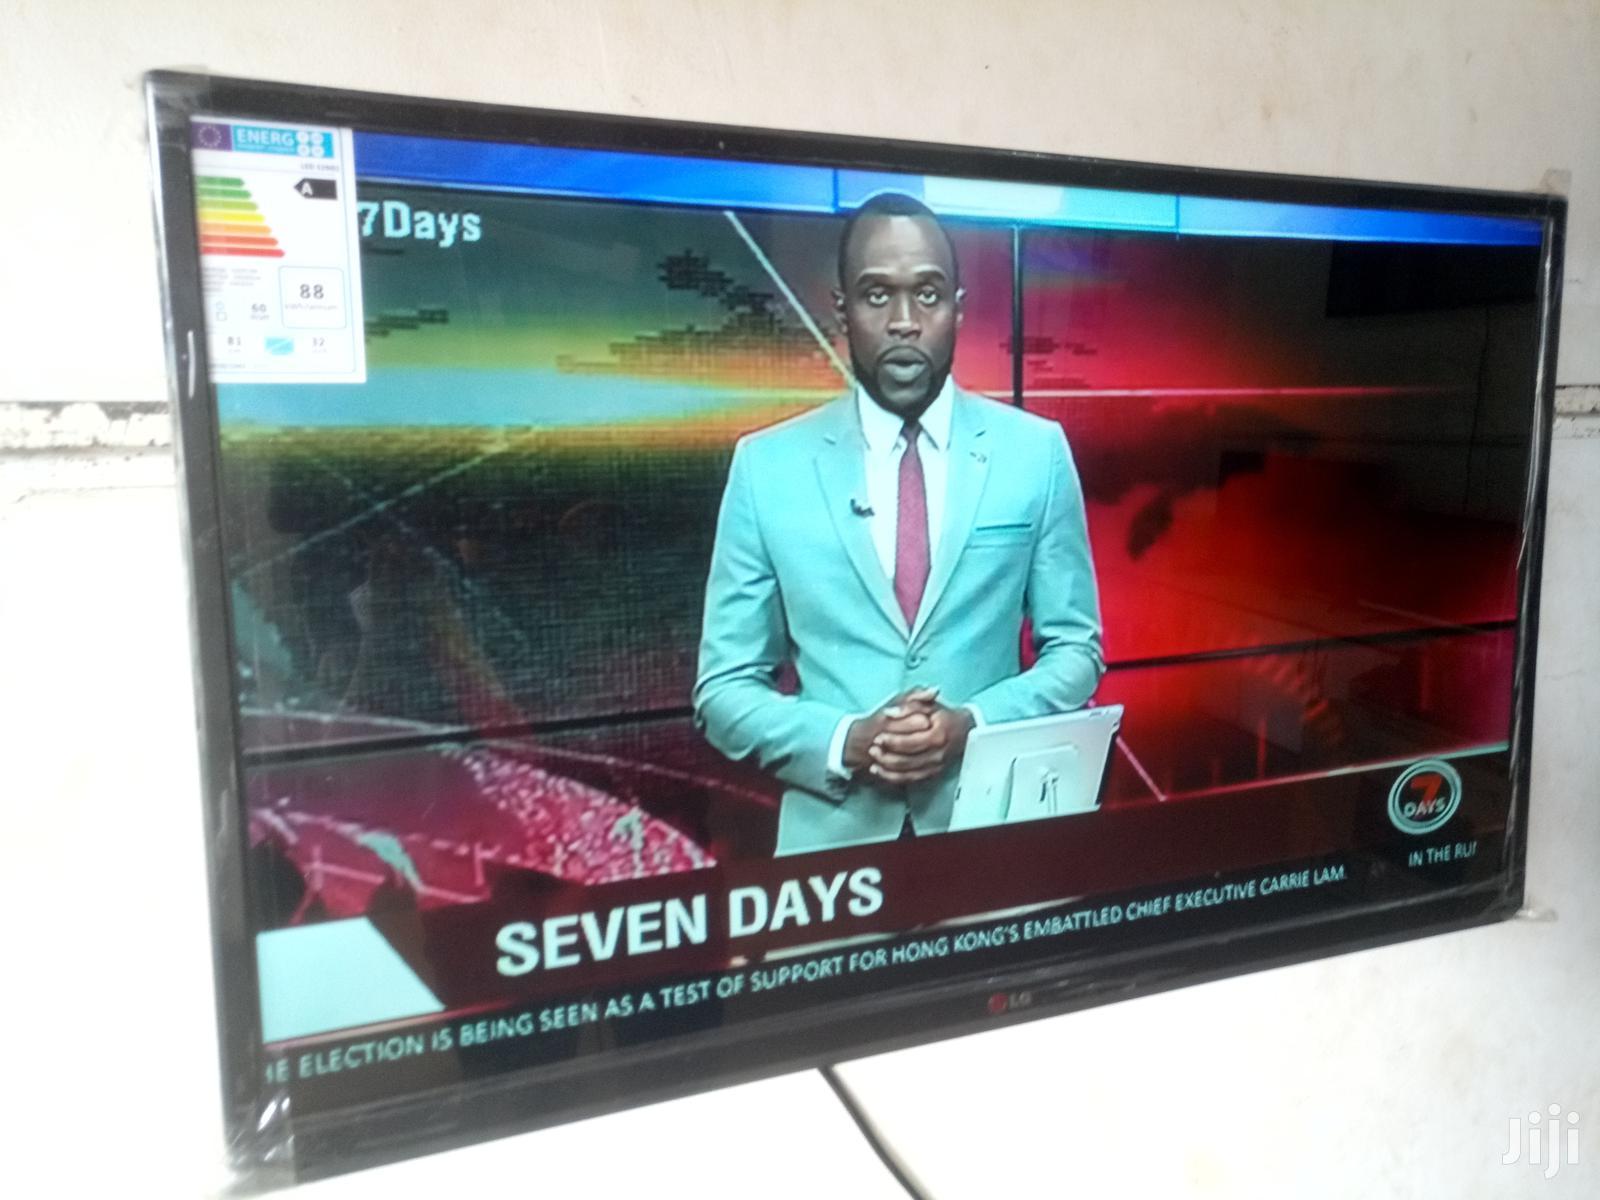 LG LED Flat Screen Digital TV 32 Inches